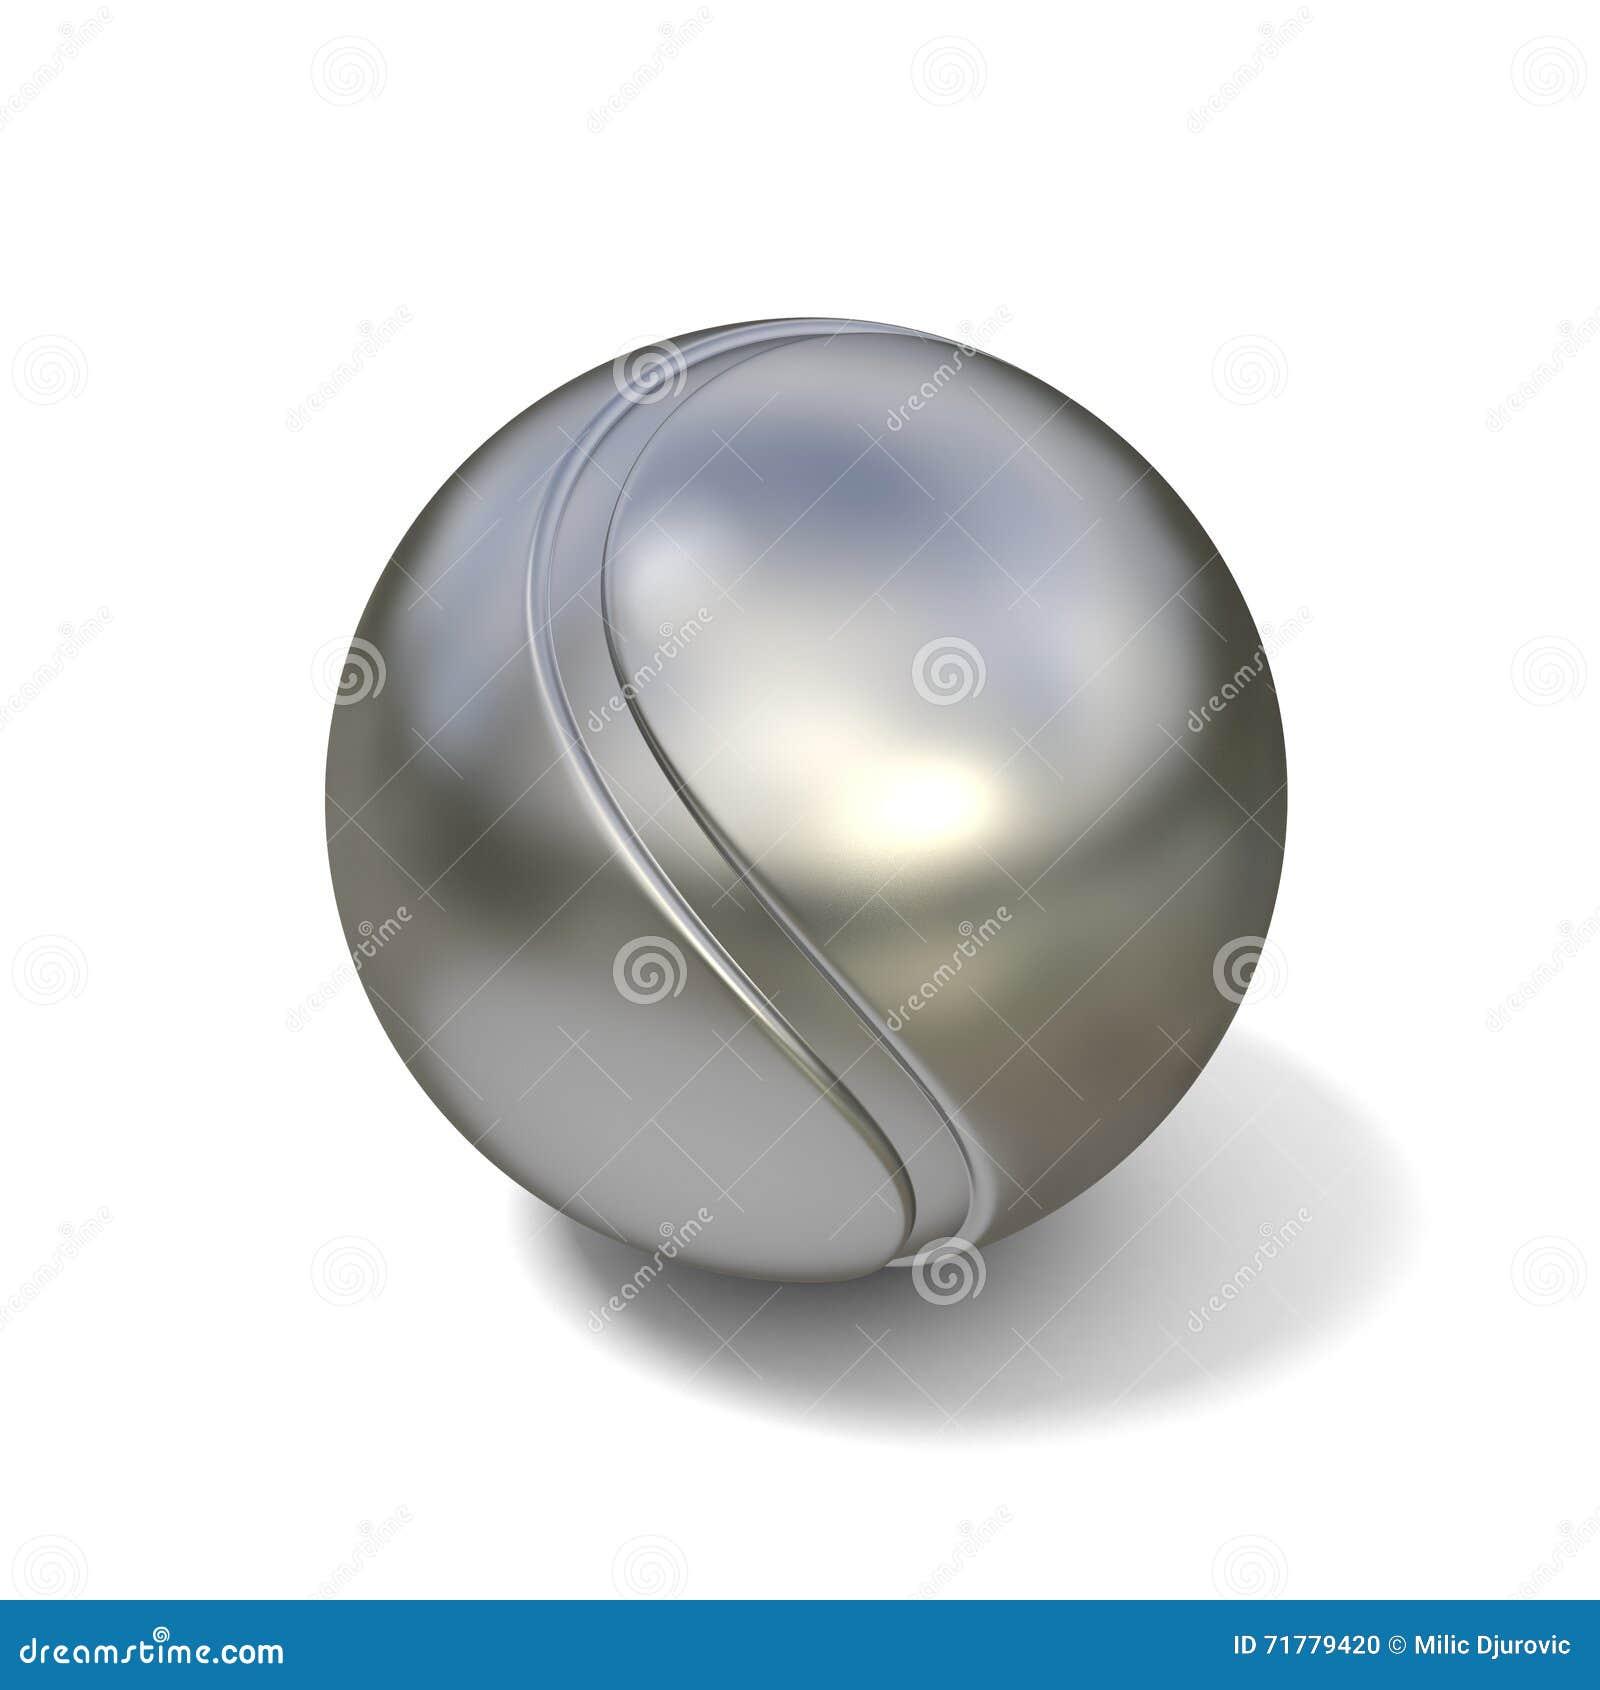 Tenis pelota stock de ilustracion ilustracion libre de stock de - Pelota De Tenis De Plata Aislada En El Fondo Blanco 3d